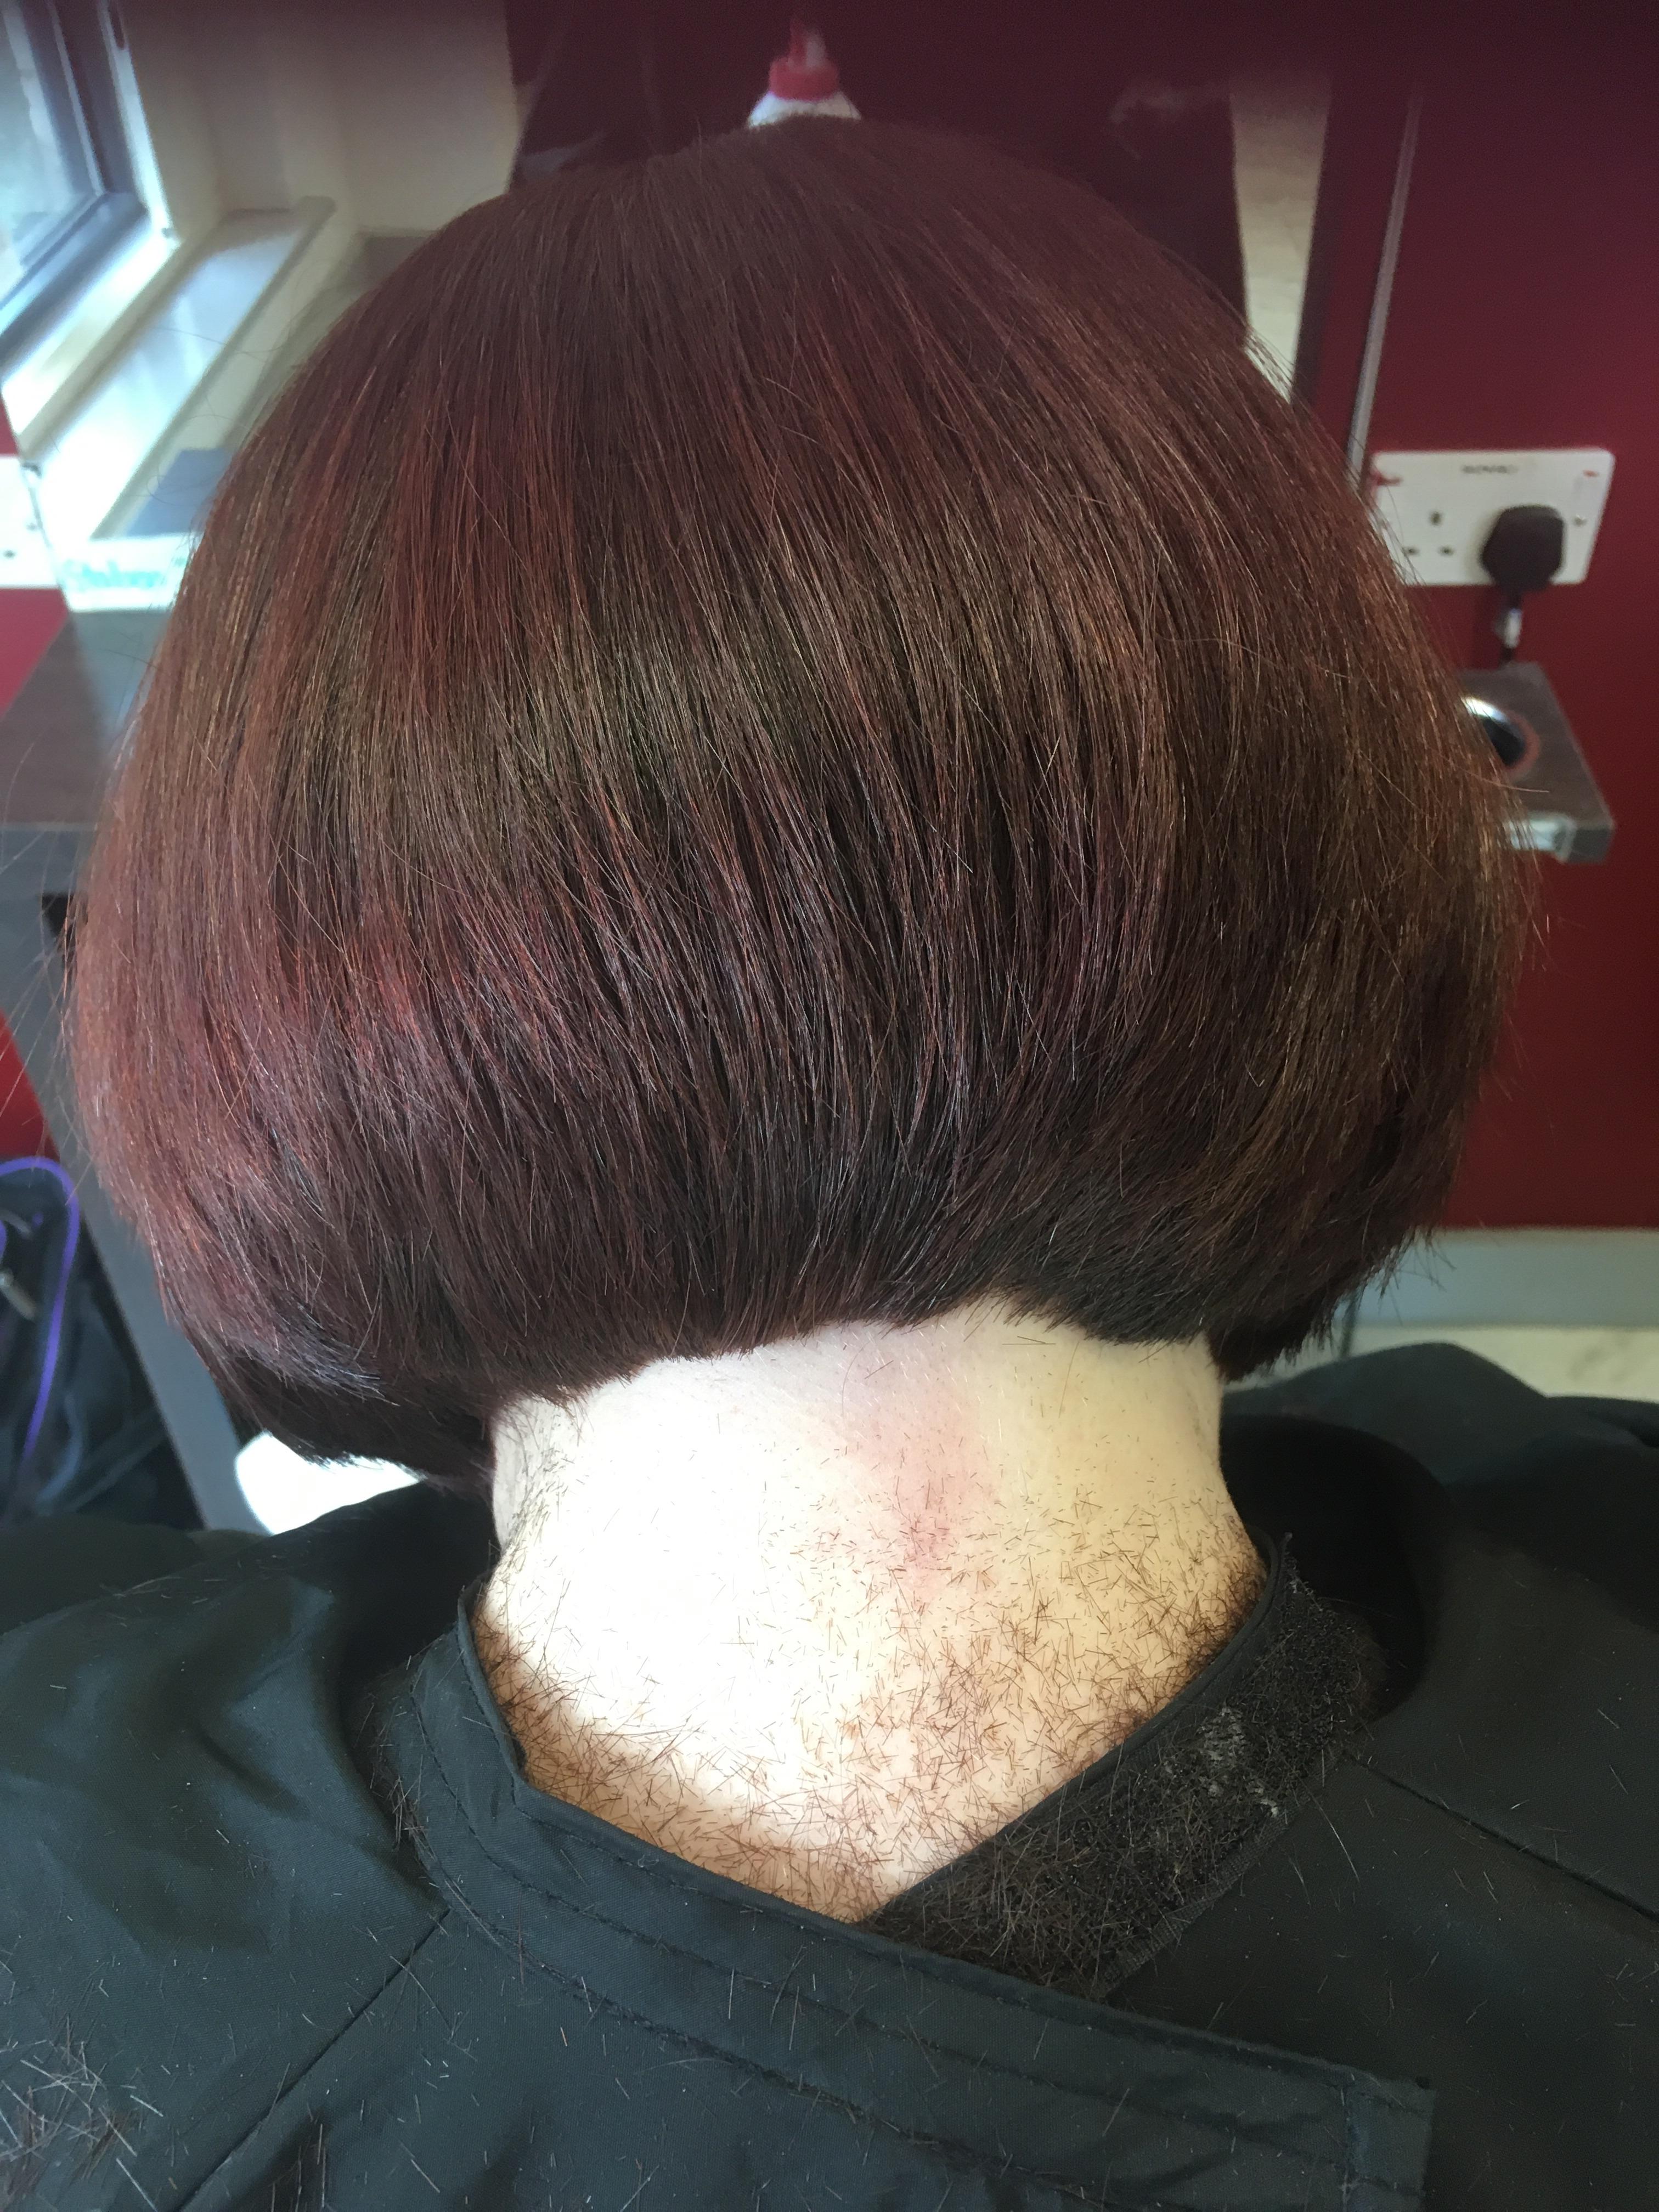 How To Do A Short Graduated Bob Haircut By Erin Threader Mhd